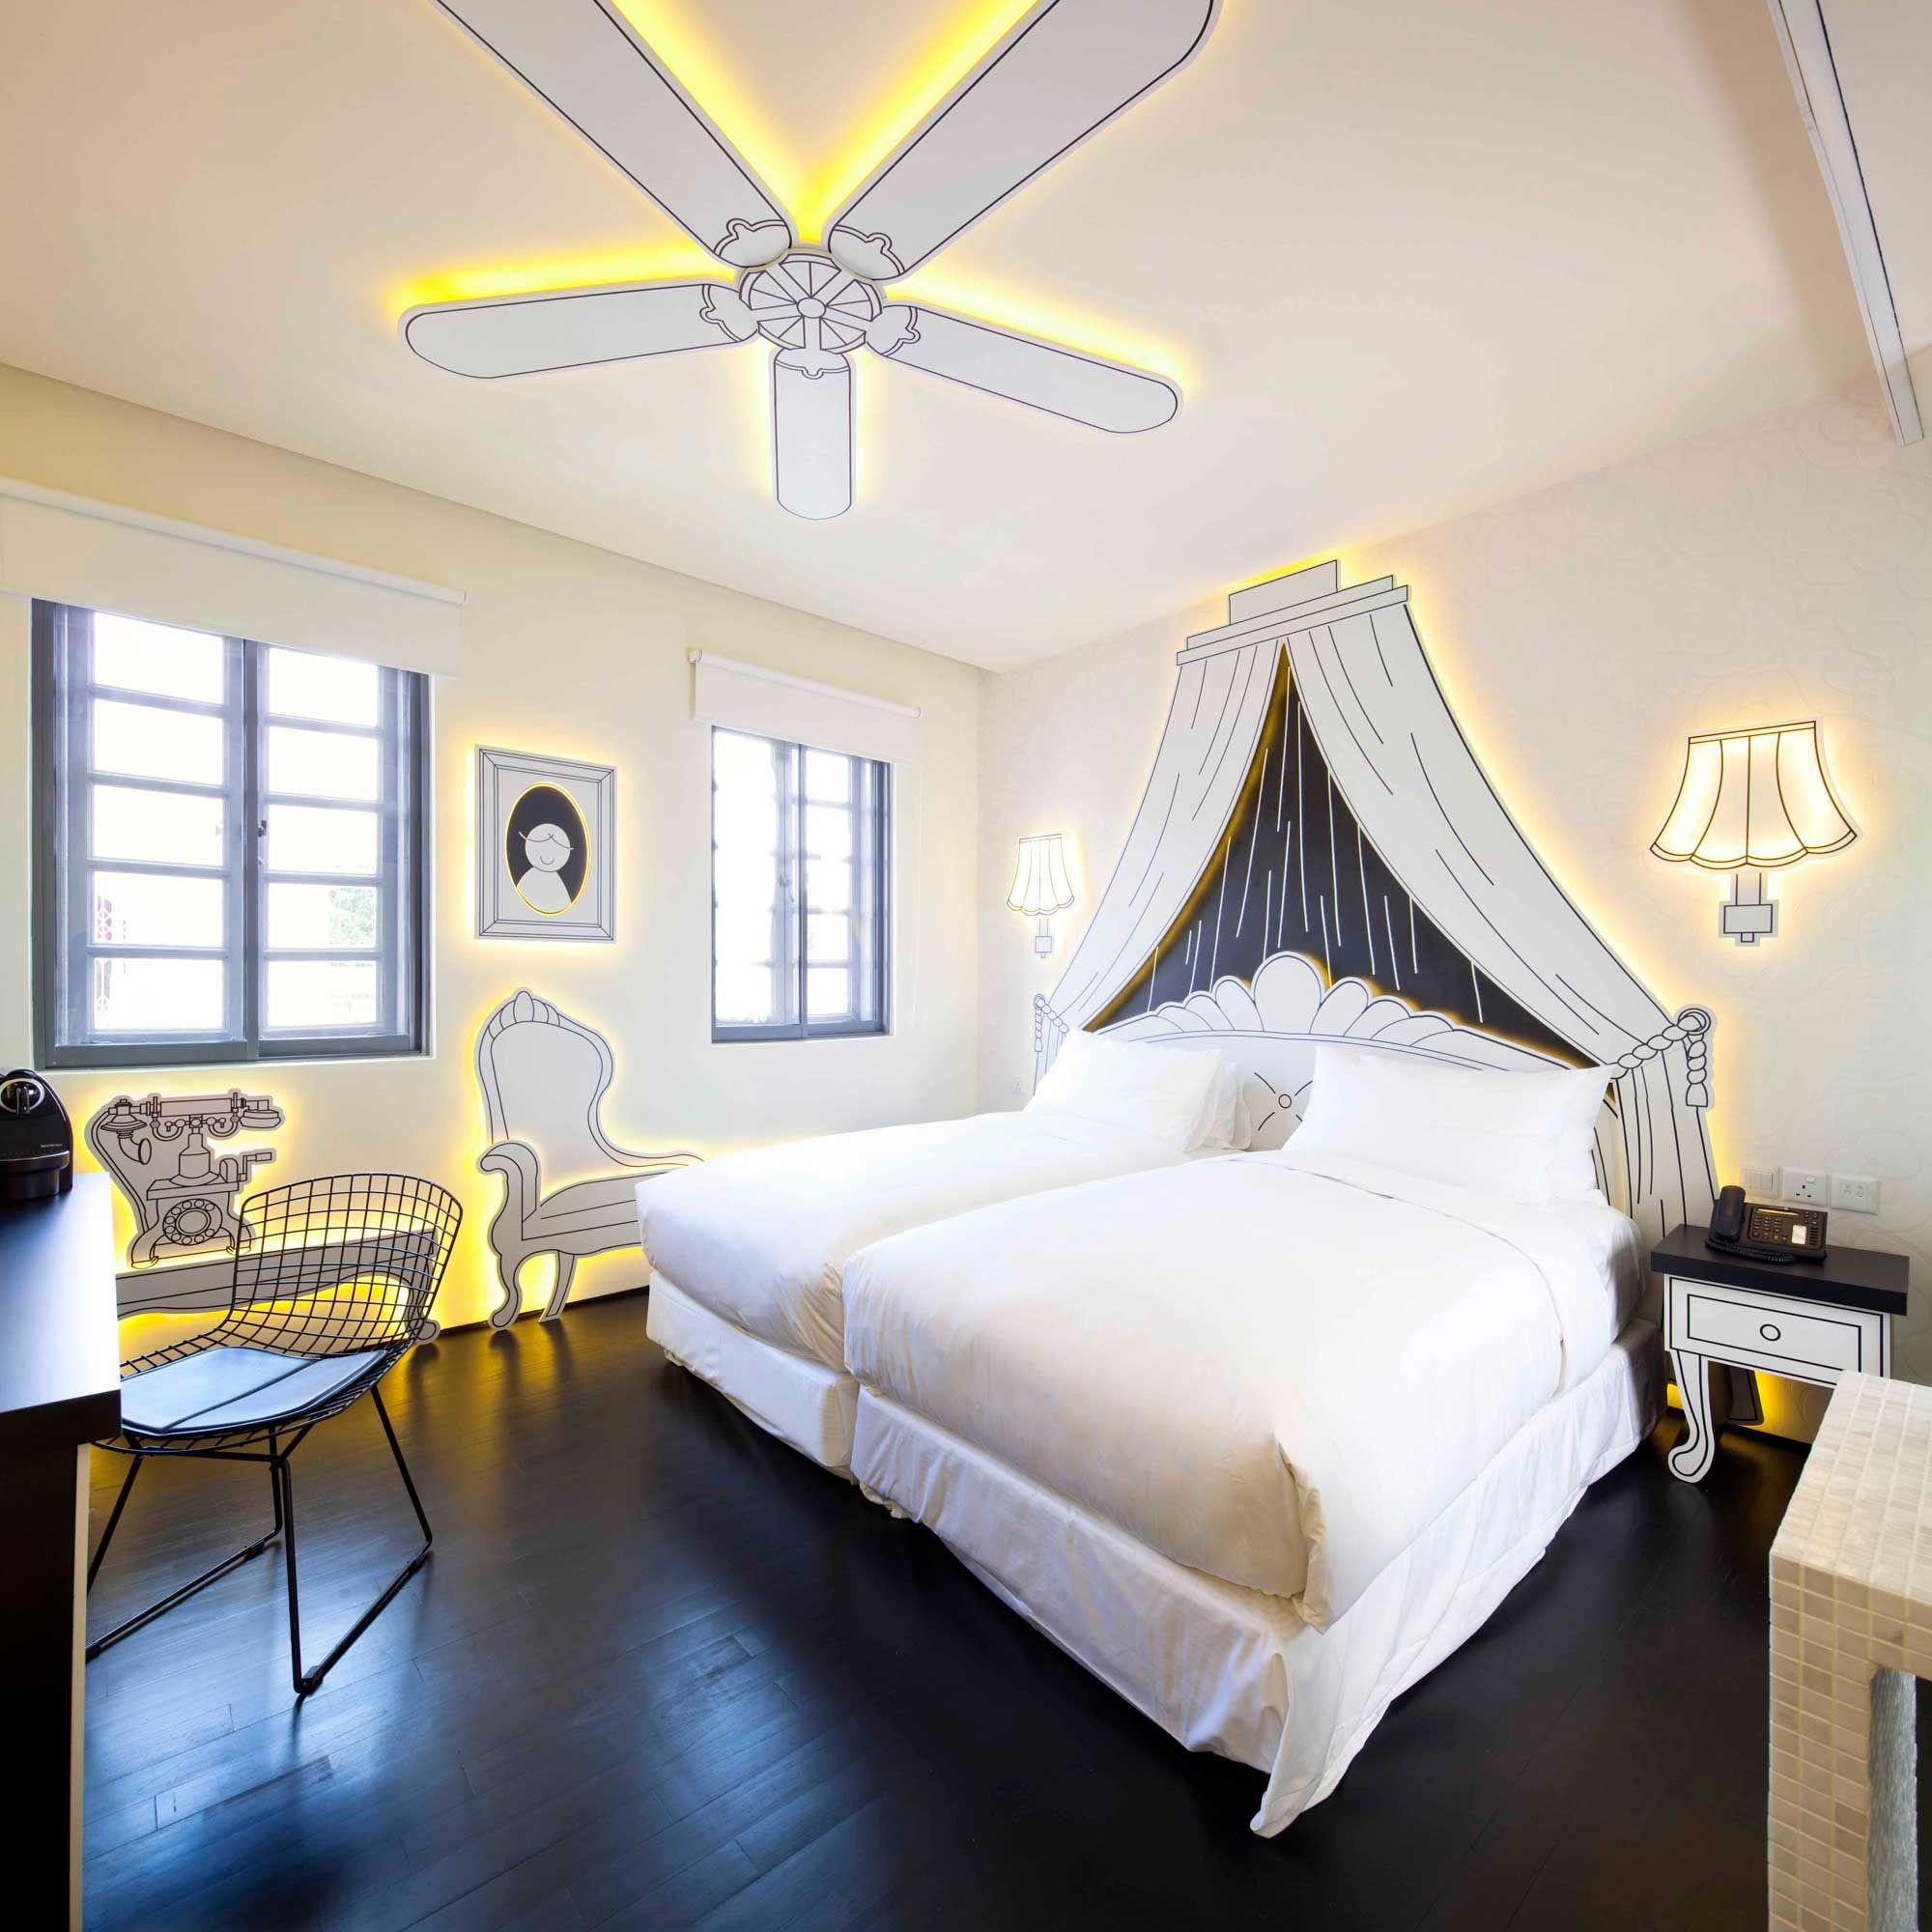 hotel bedroom lighting. Wanderlust Hotel #artluxestyle #stylecierge #luxepassport Bedroom Lighting